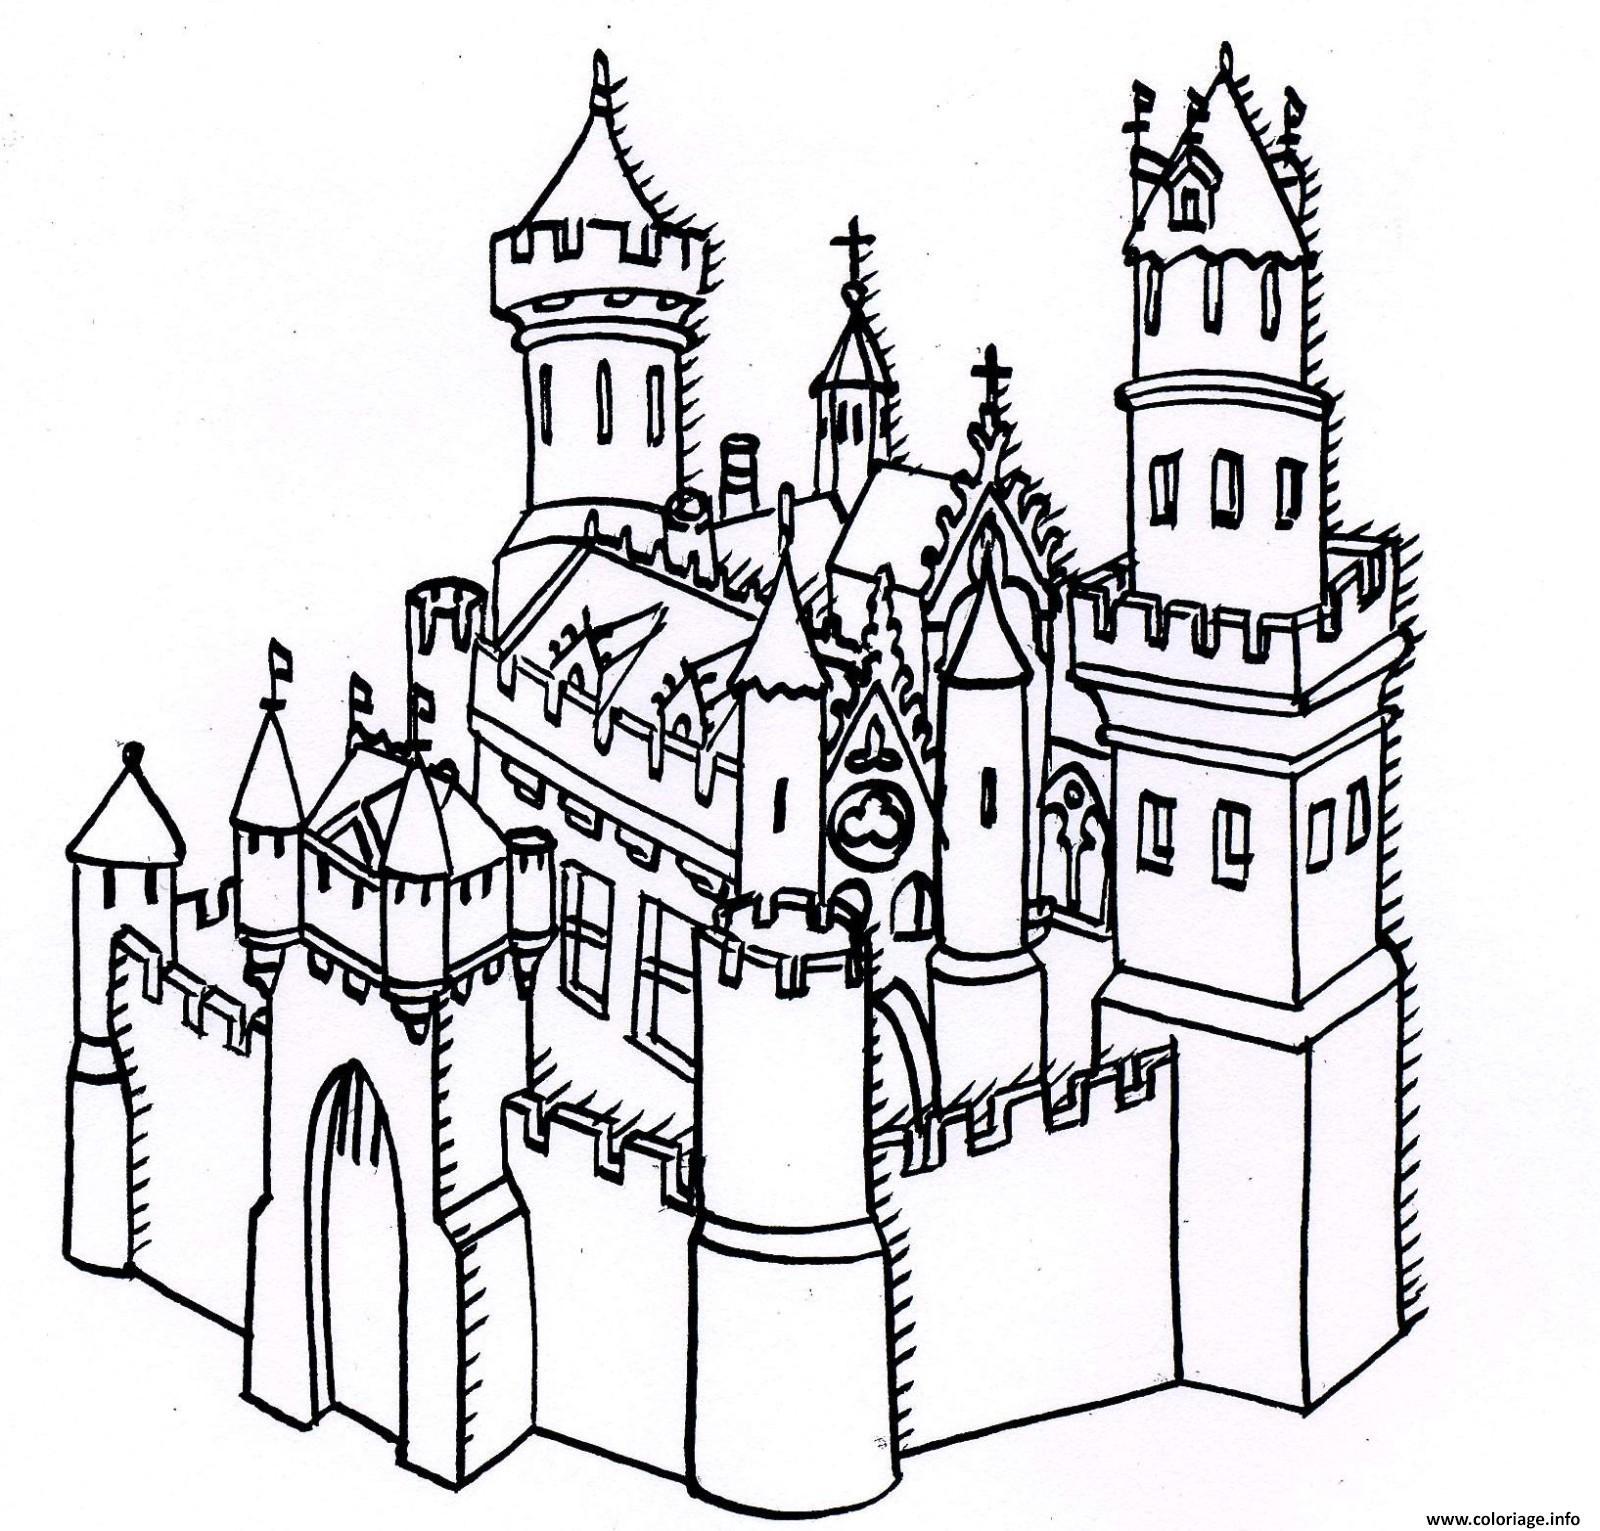 Coloriage Chateau Forteresse Dessin tout Coloriage À Imprimer Chateau De Princesse